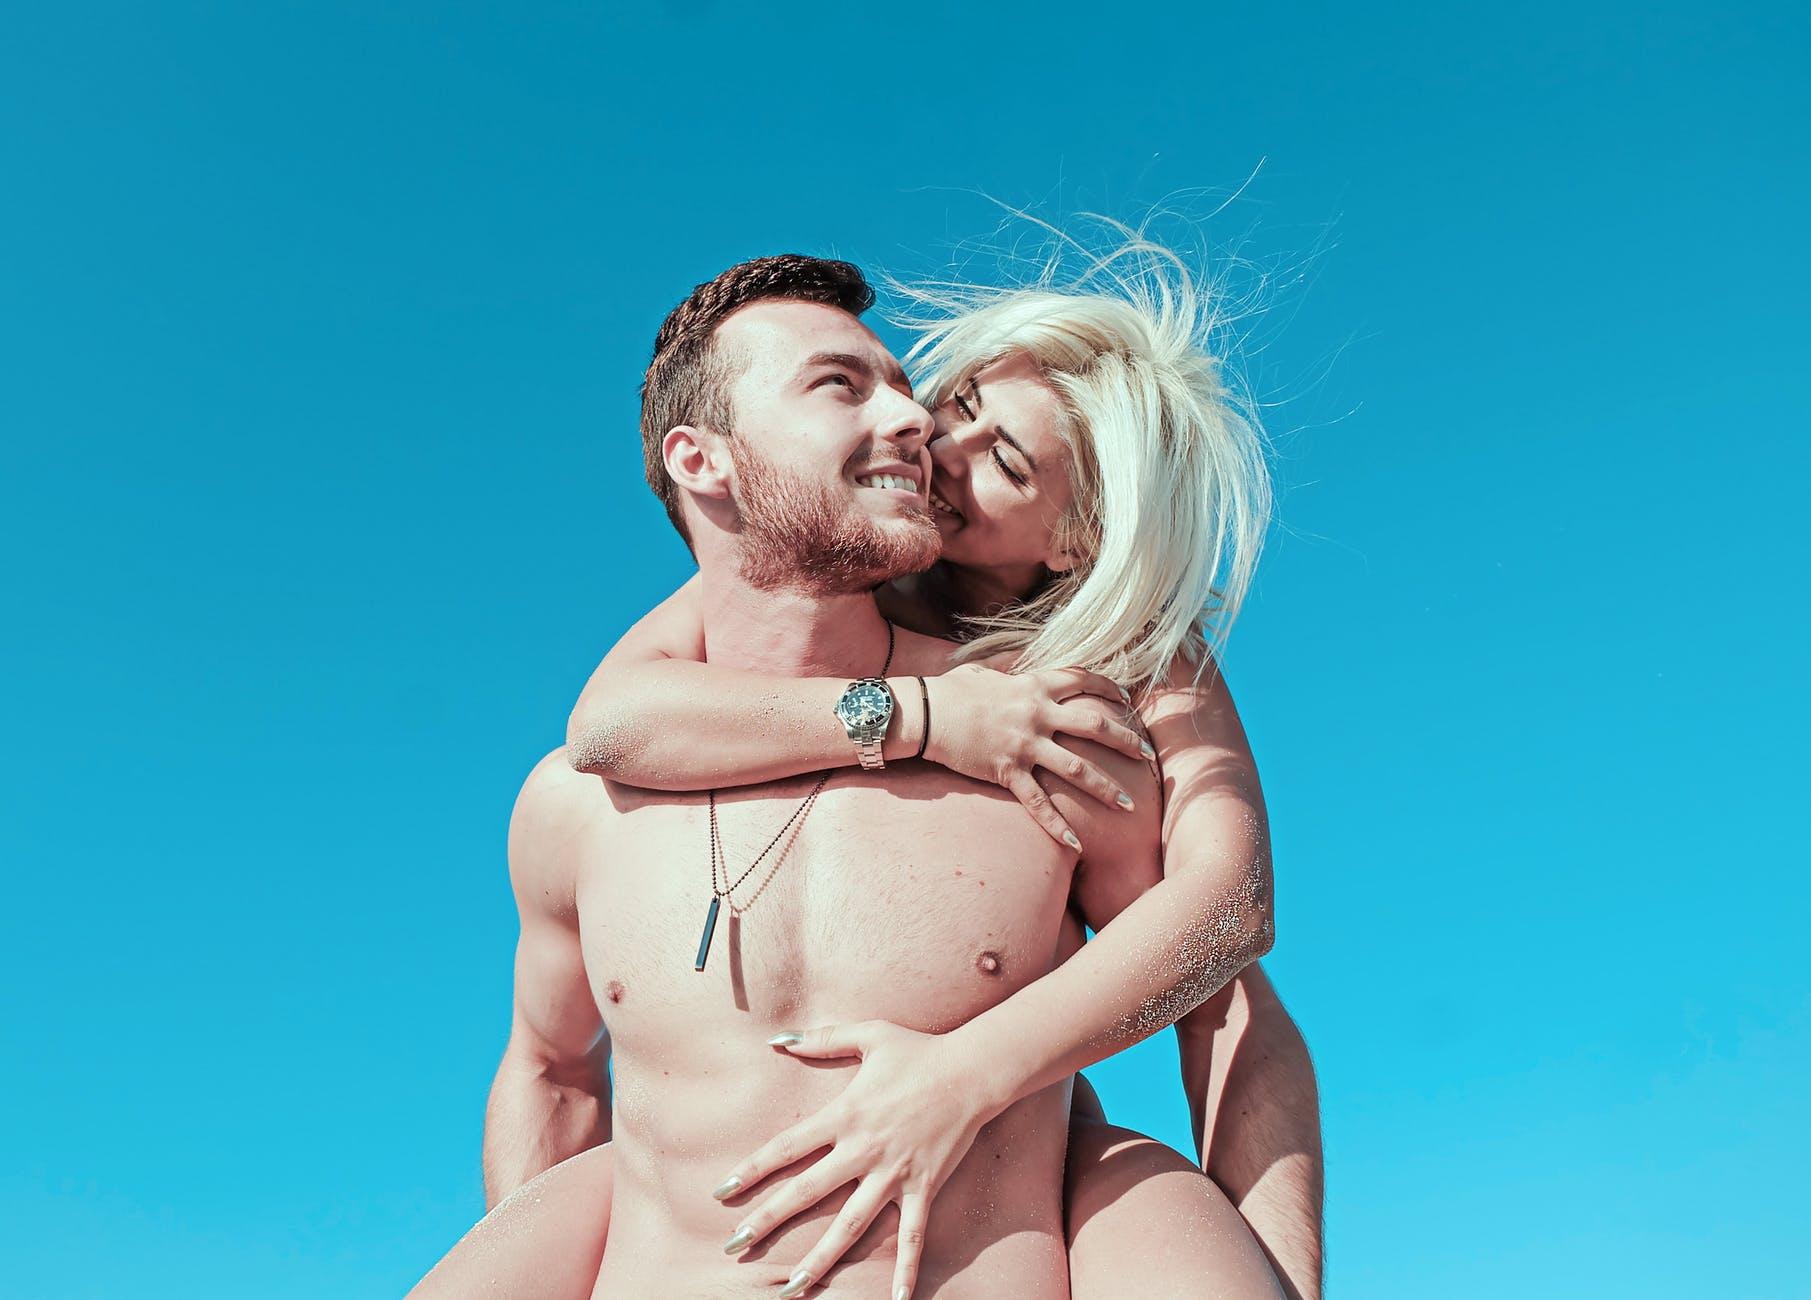 smiling woman piggyback riding smiling man